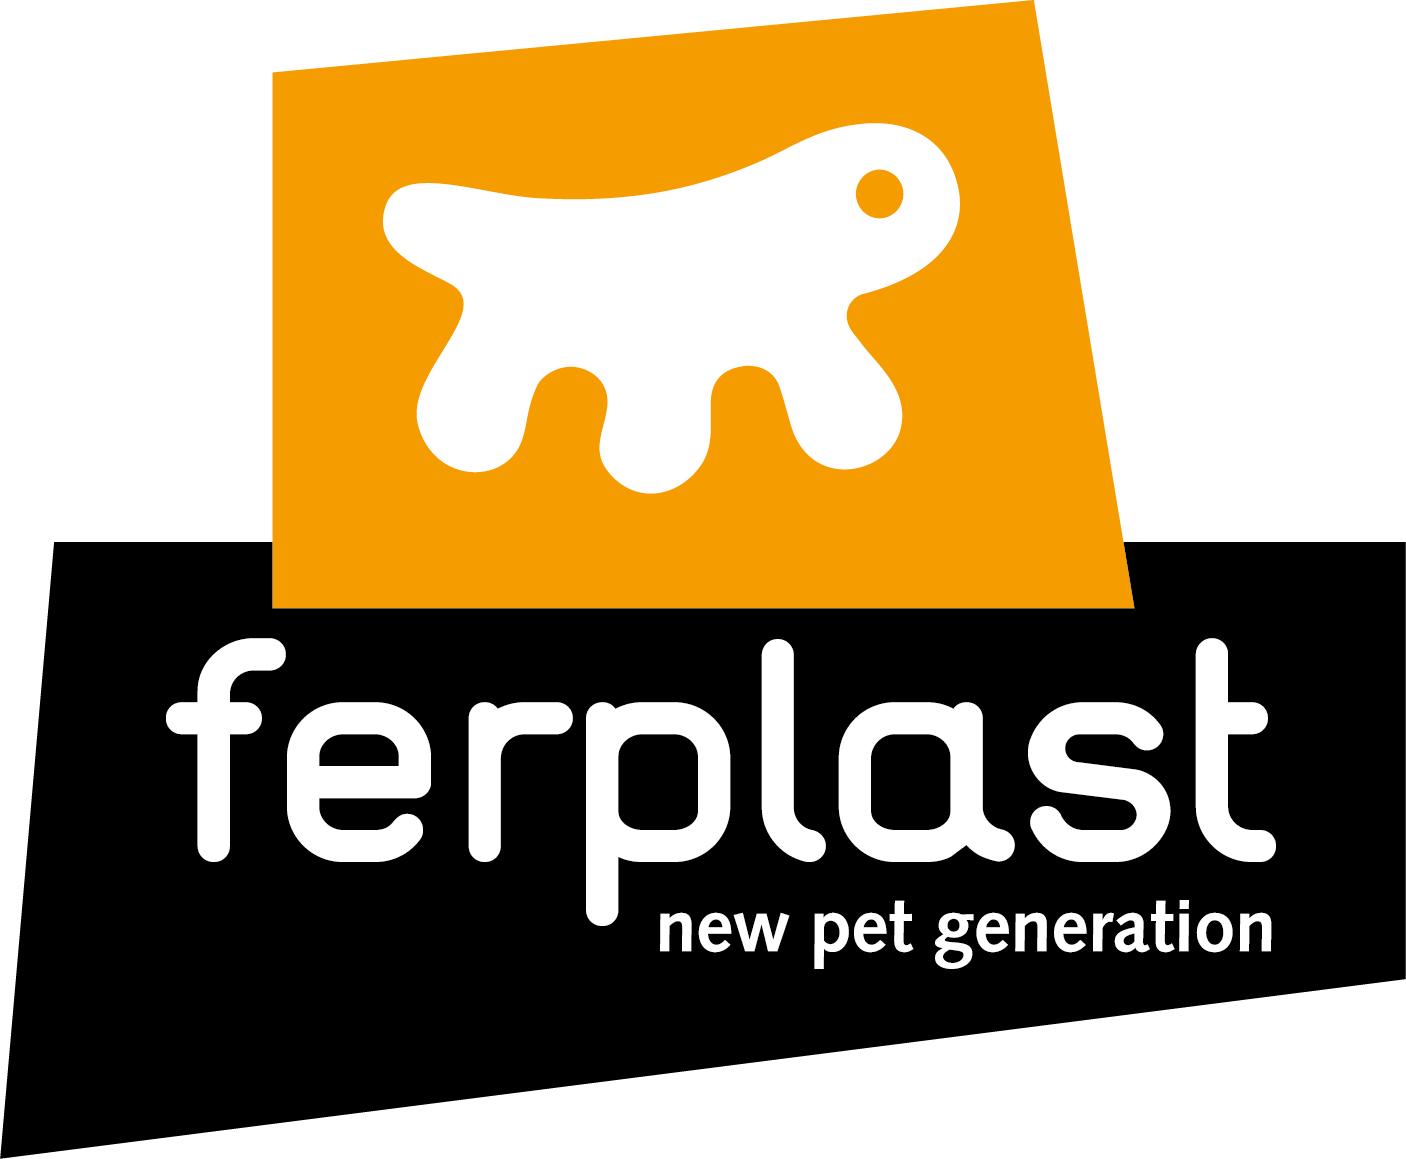 Ferplast Deutschland GmbH